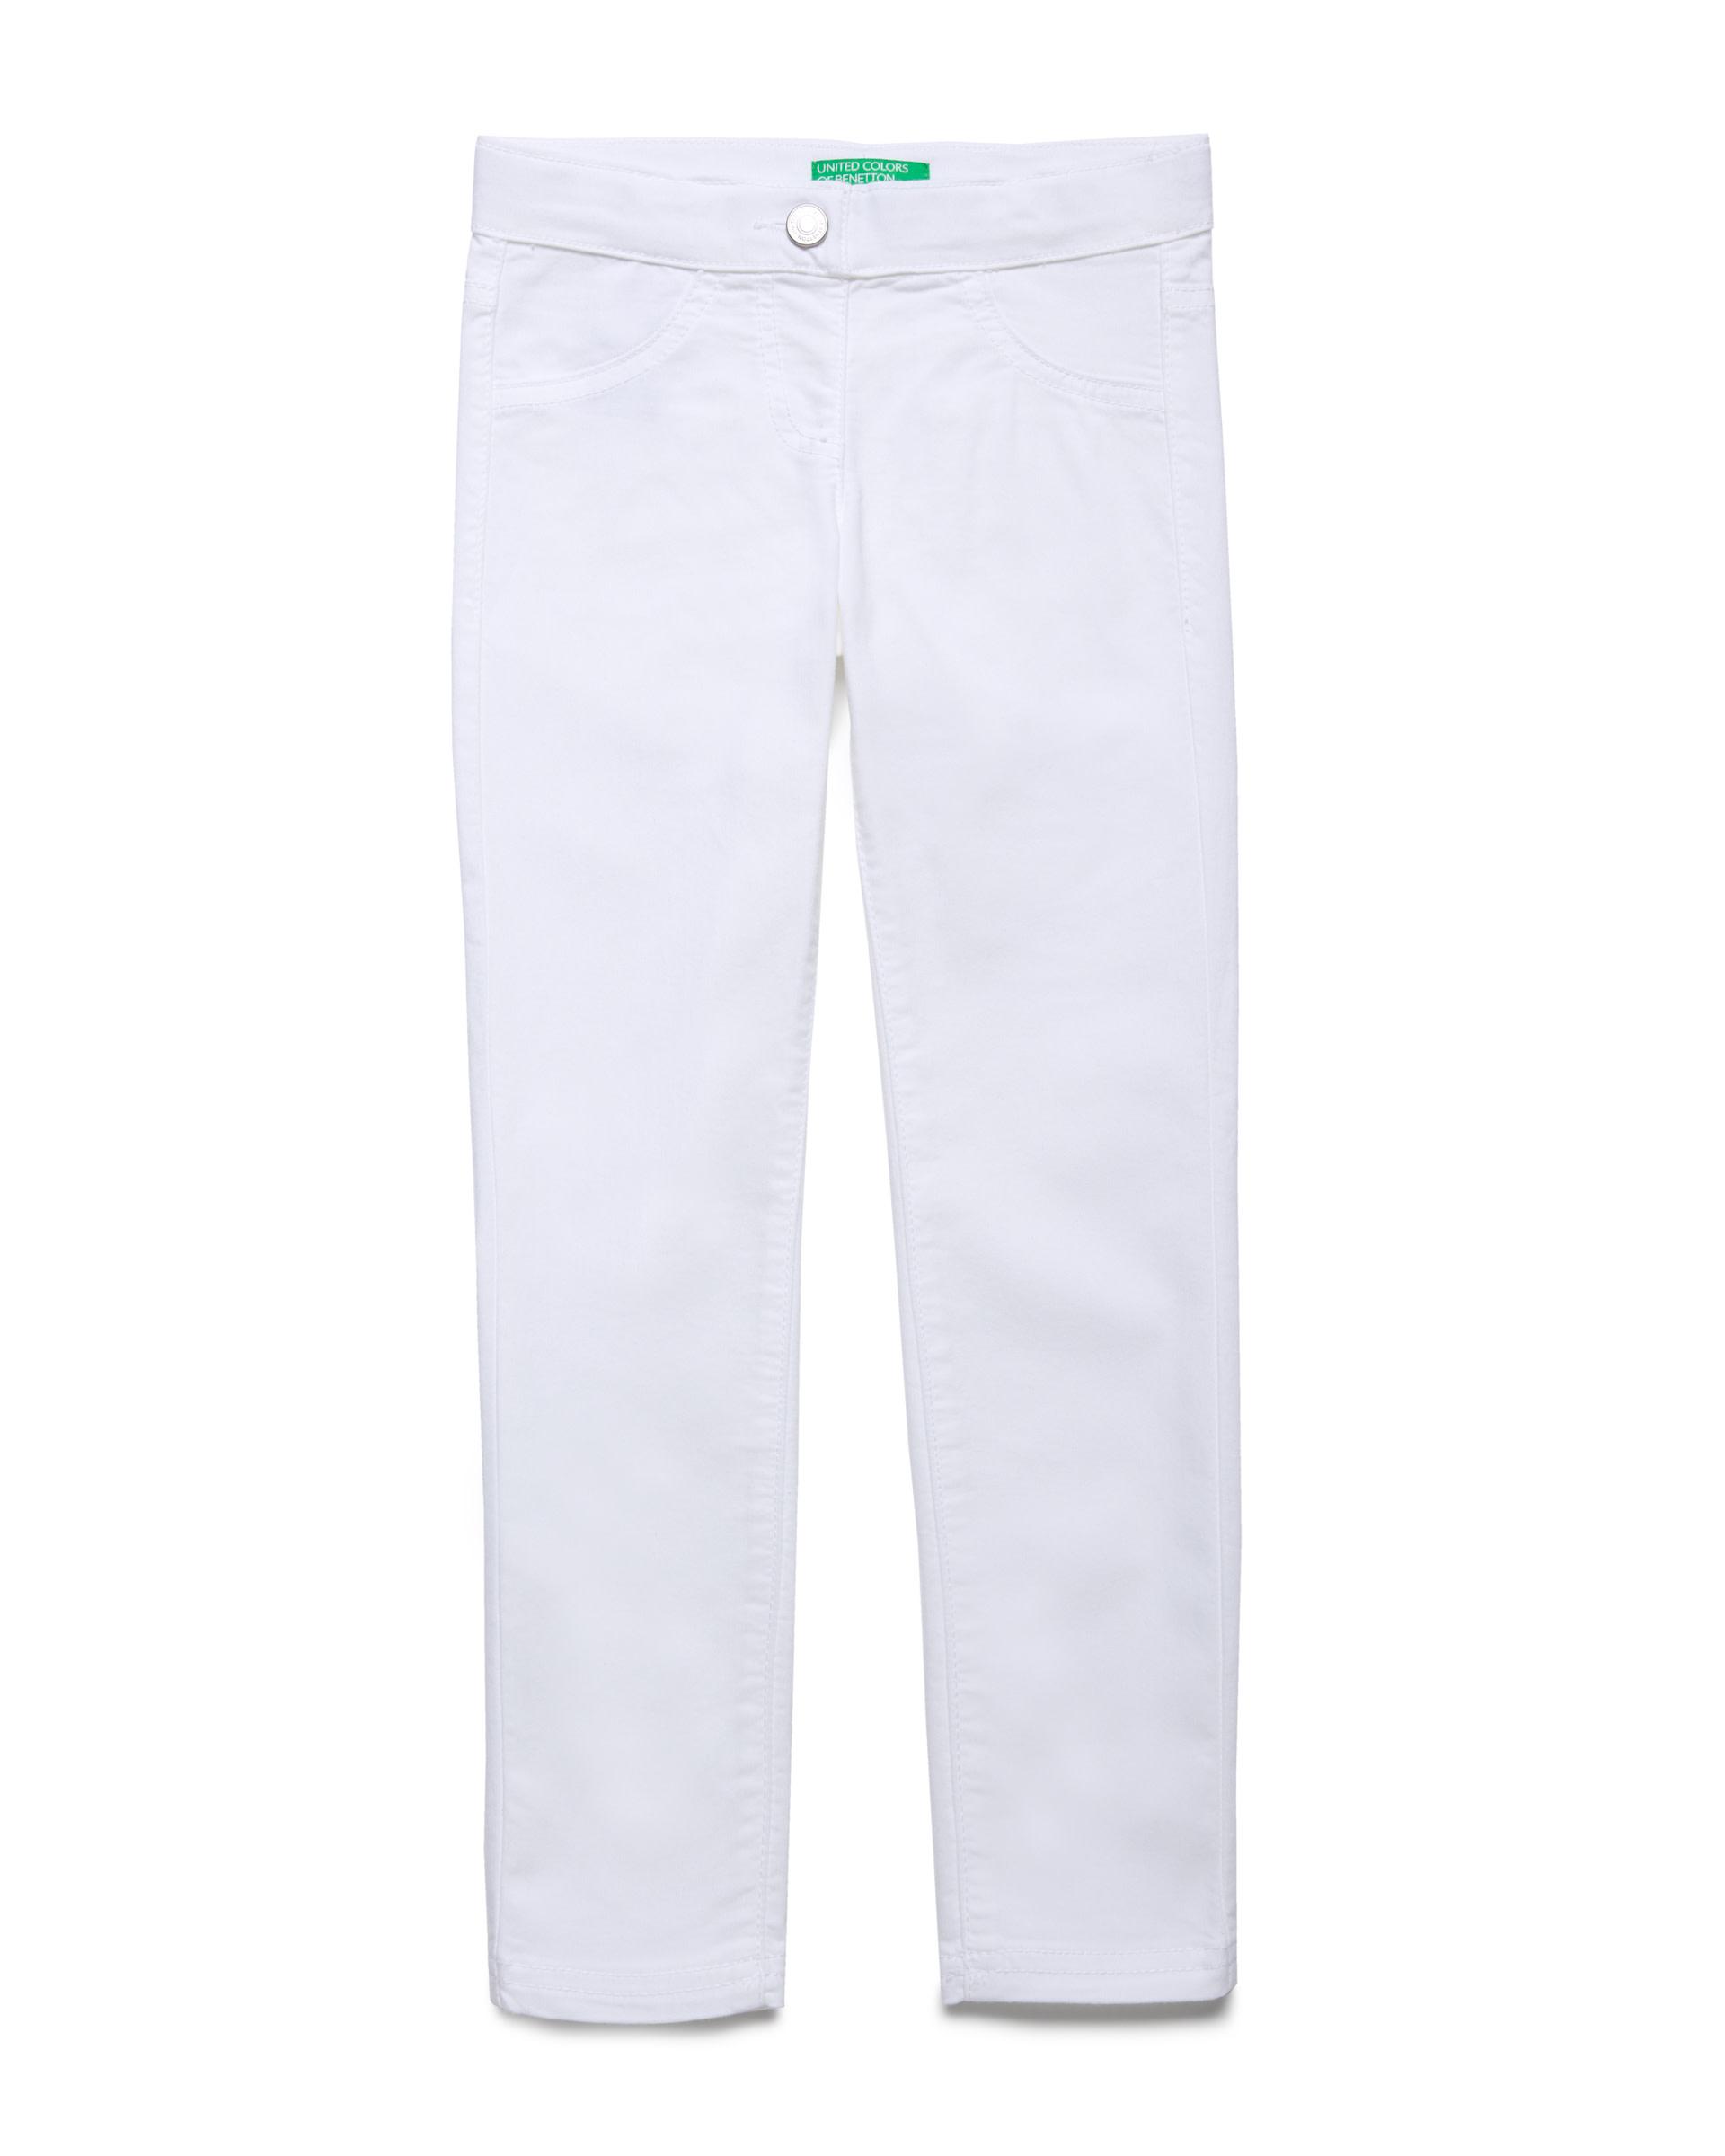 Купить 20P_4U4057I20_101, Эластичные брюки для девочек Benetton 4U4057I20_101 р-р 92, United Colors of Benetton, Шорты и брюки для новорожденных